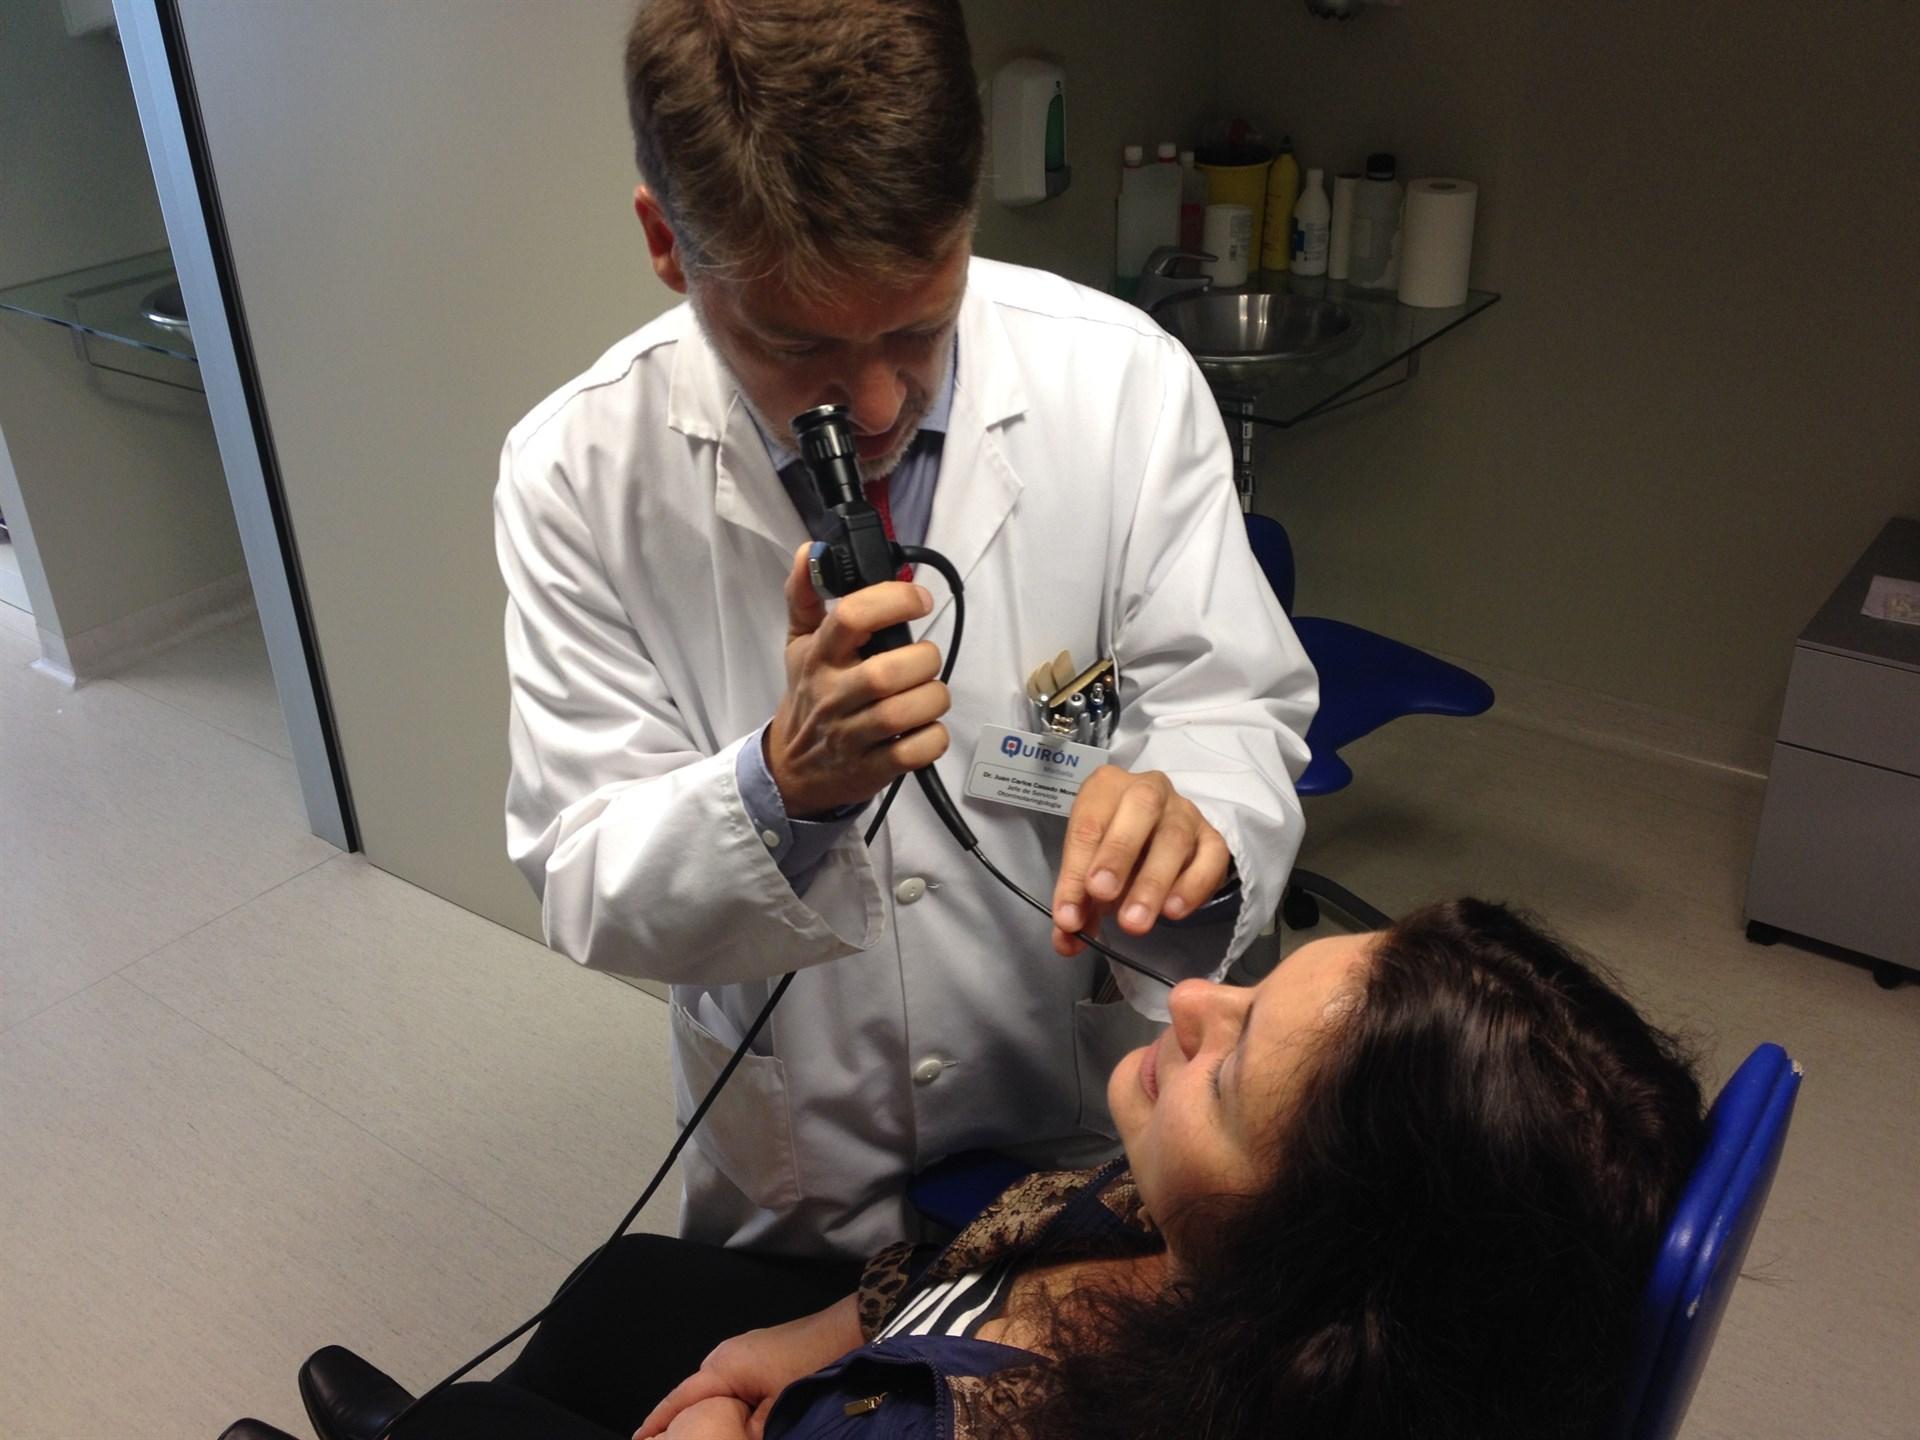 El diagnóstico precoz del cáncer de cabeza y cuello reduce la mortalidad un 90%